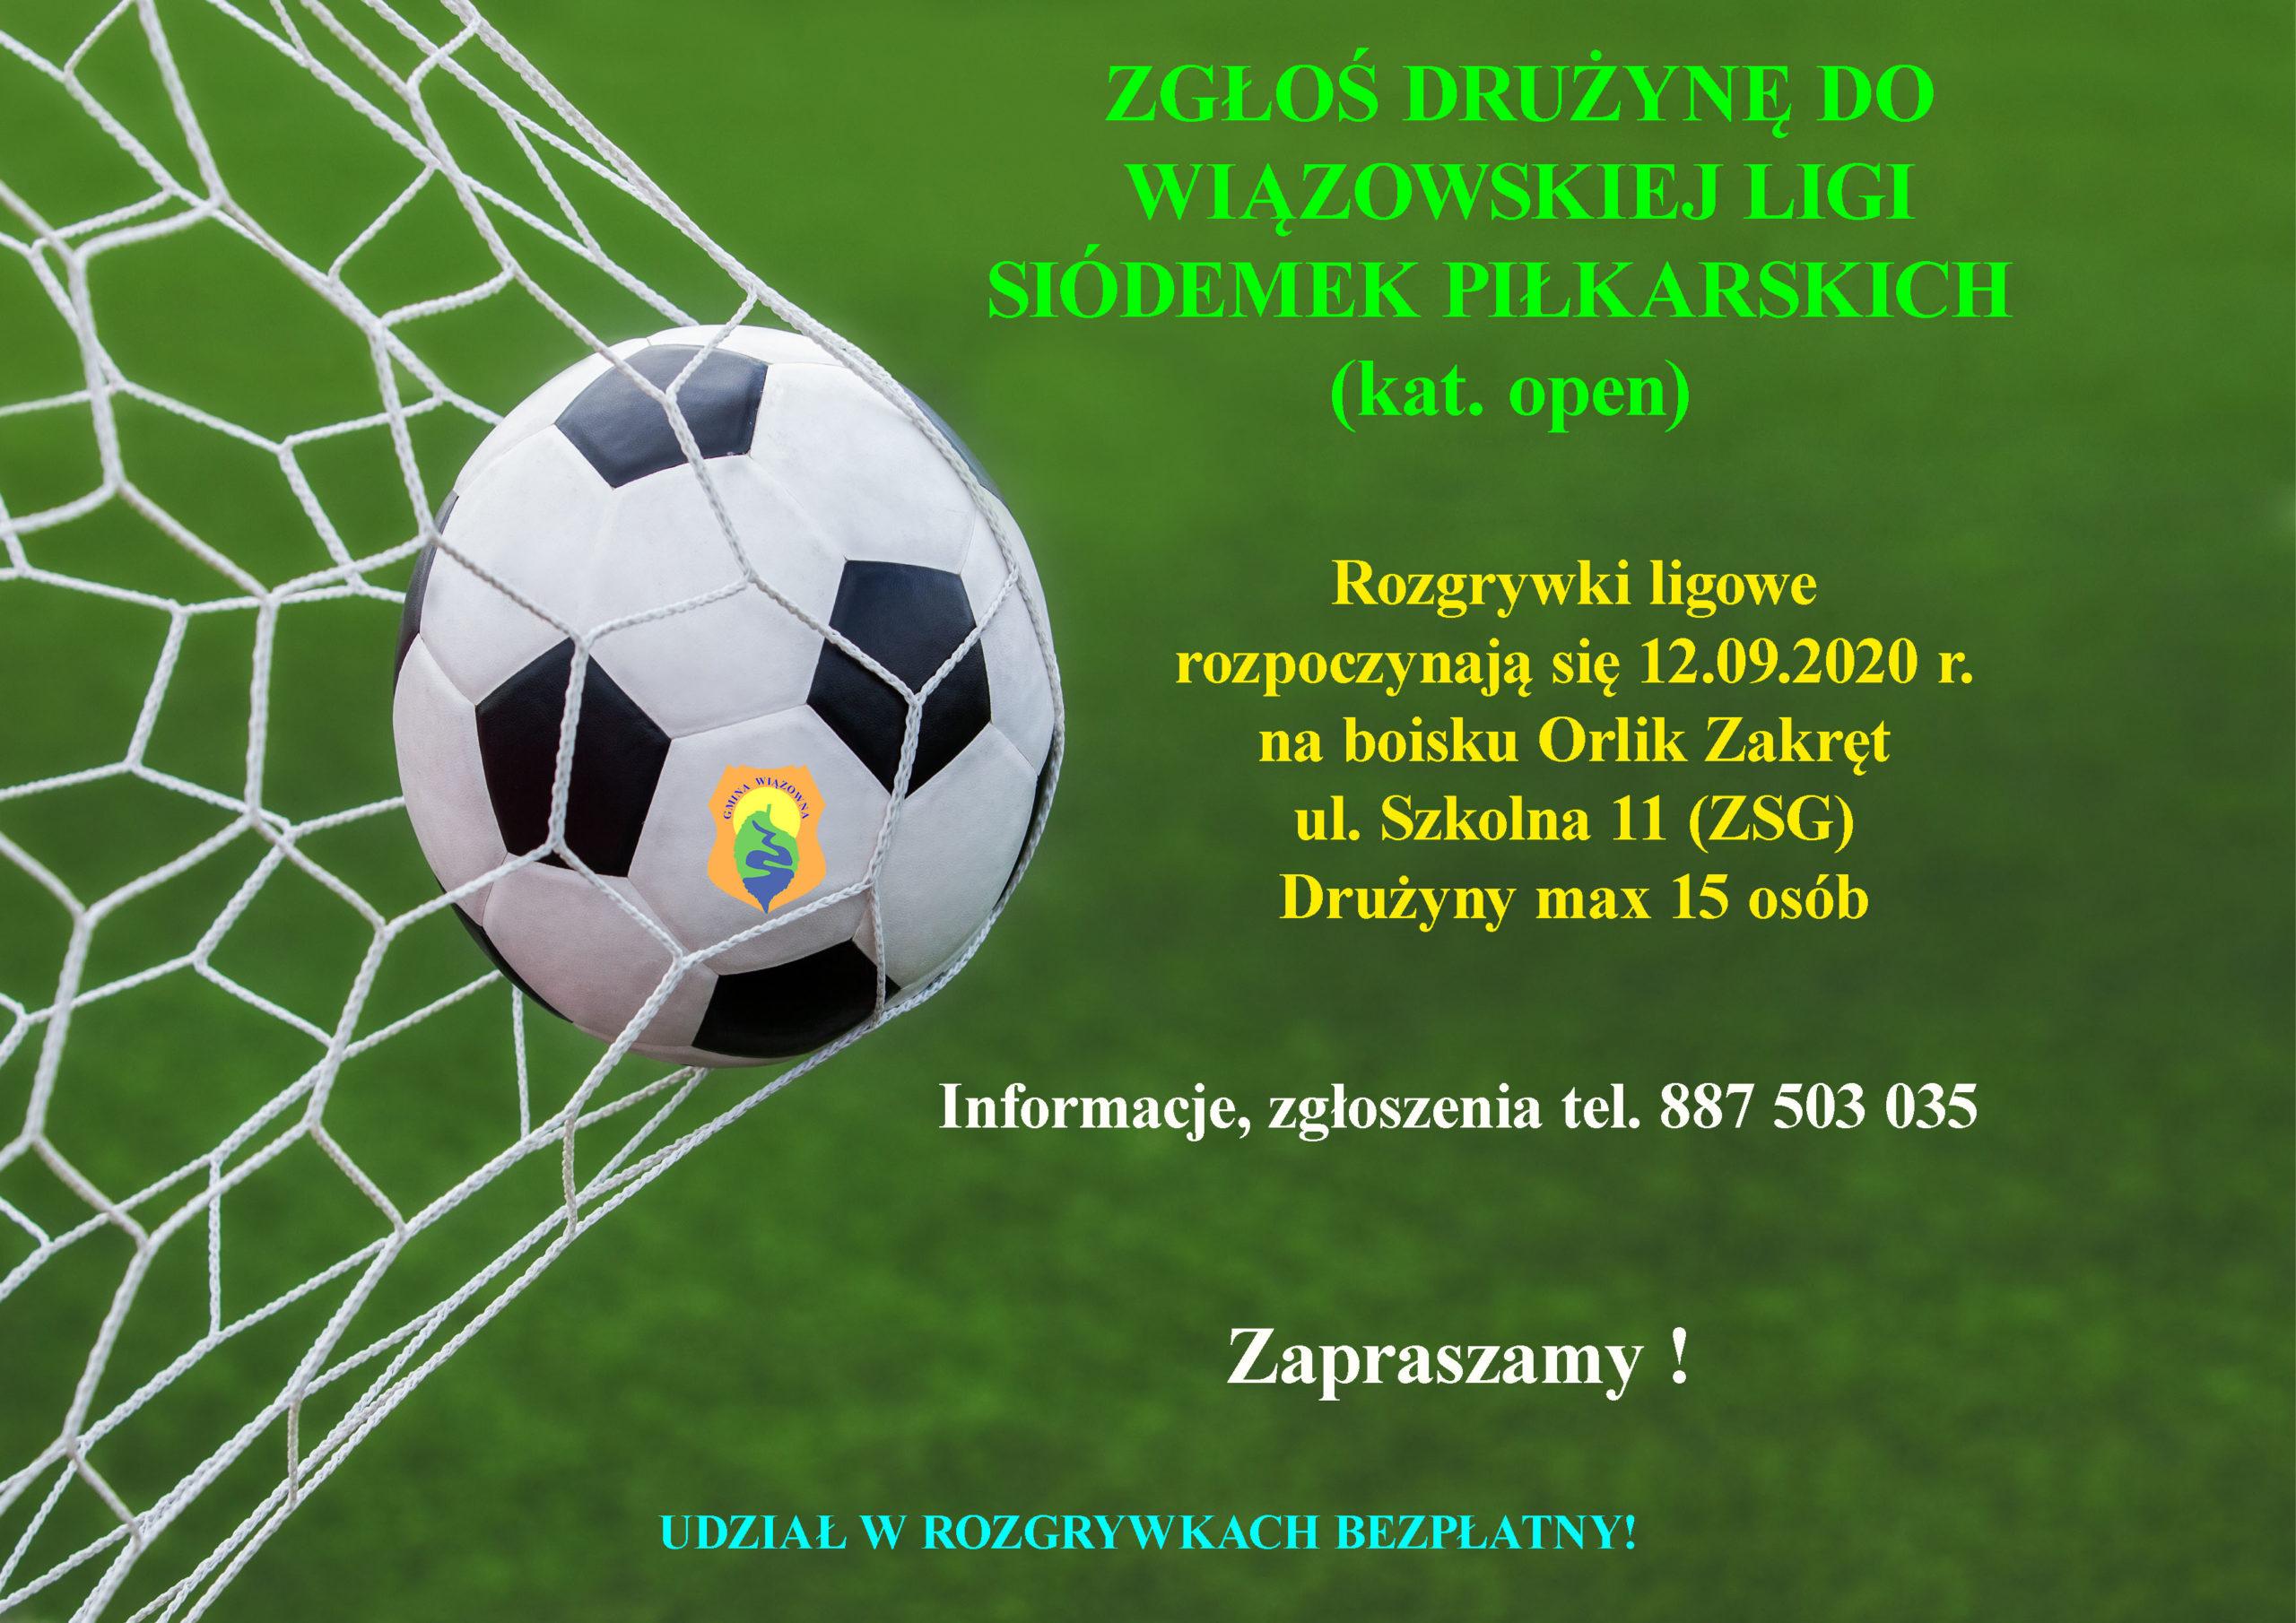 Plakat wiązowskiej Ligi Siódemek. Rozgrywki ruszają 12 września 2020 r.